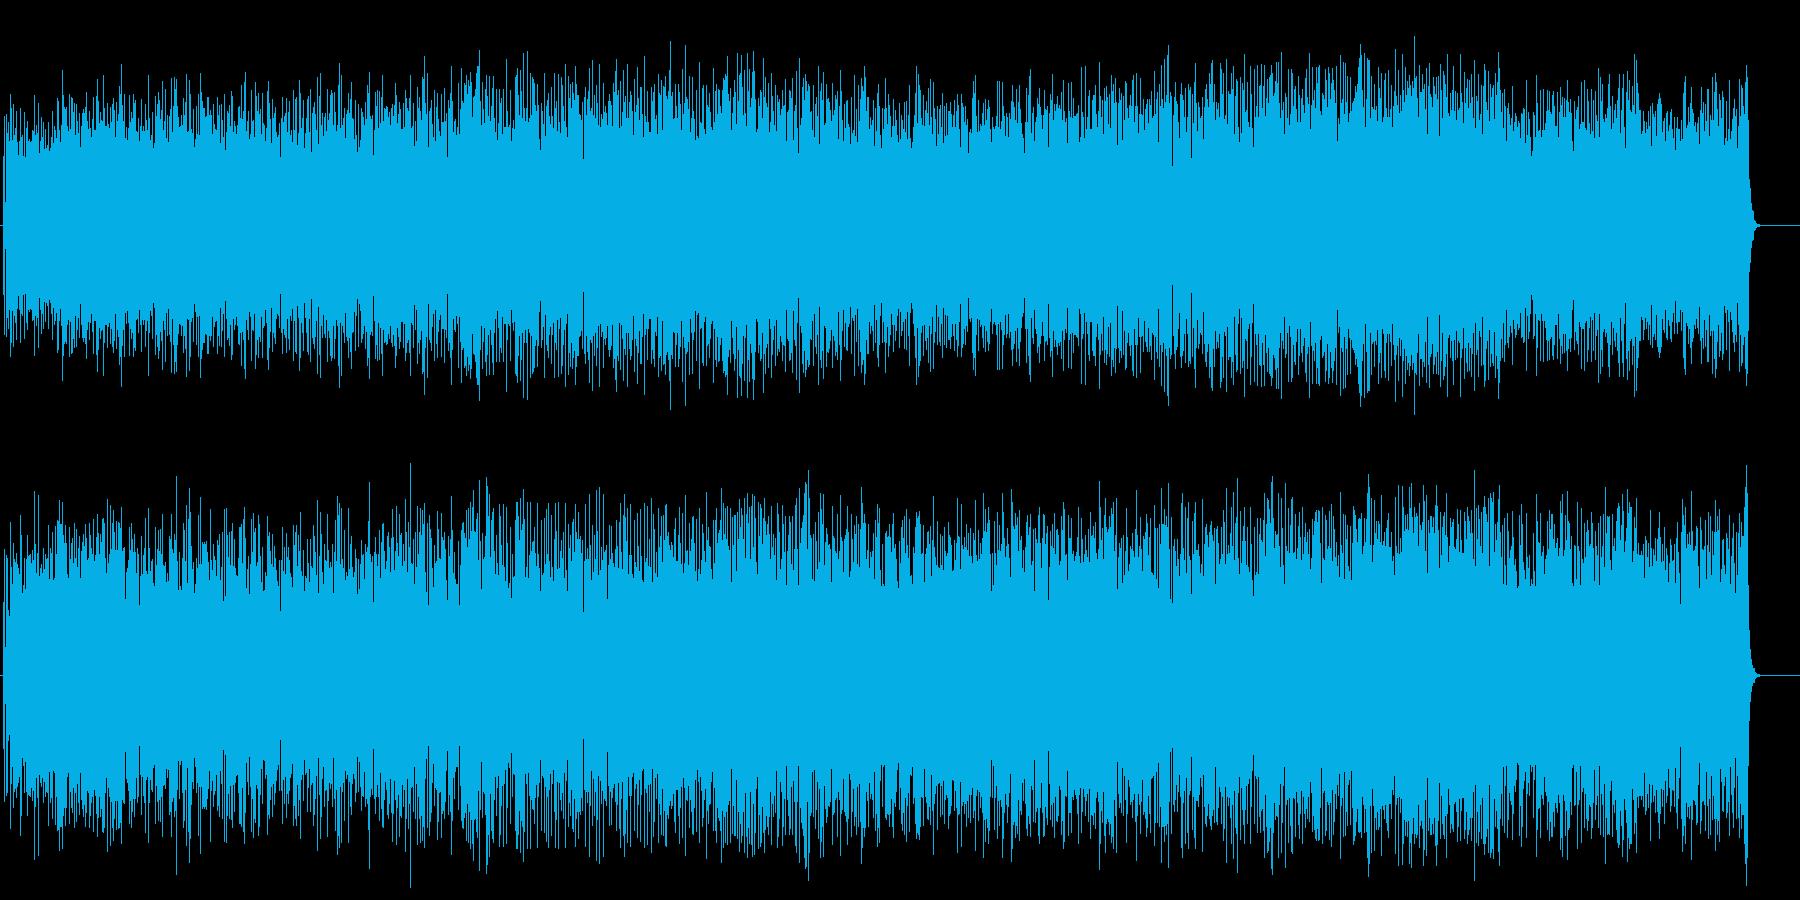 爽やかな歌謡曲風ポップス(フルサイズ)の再生済みの波形